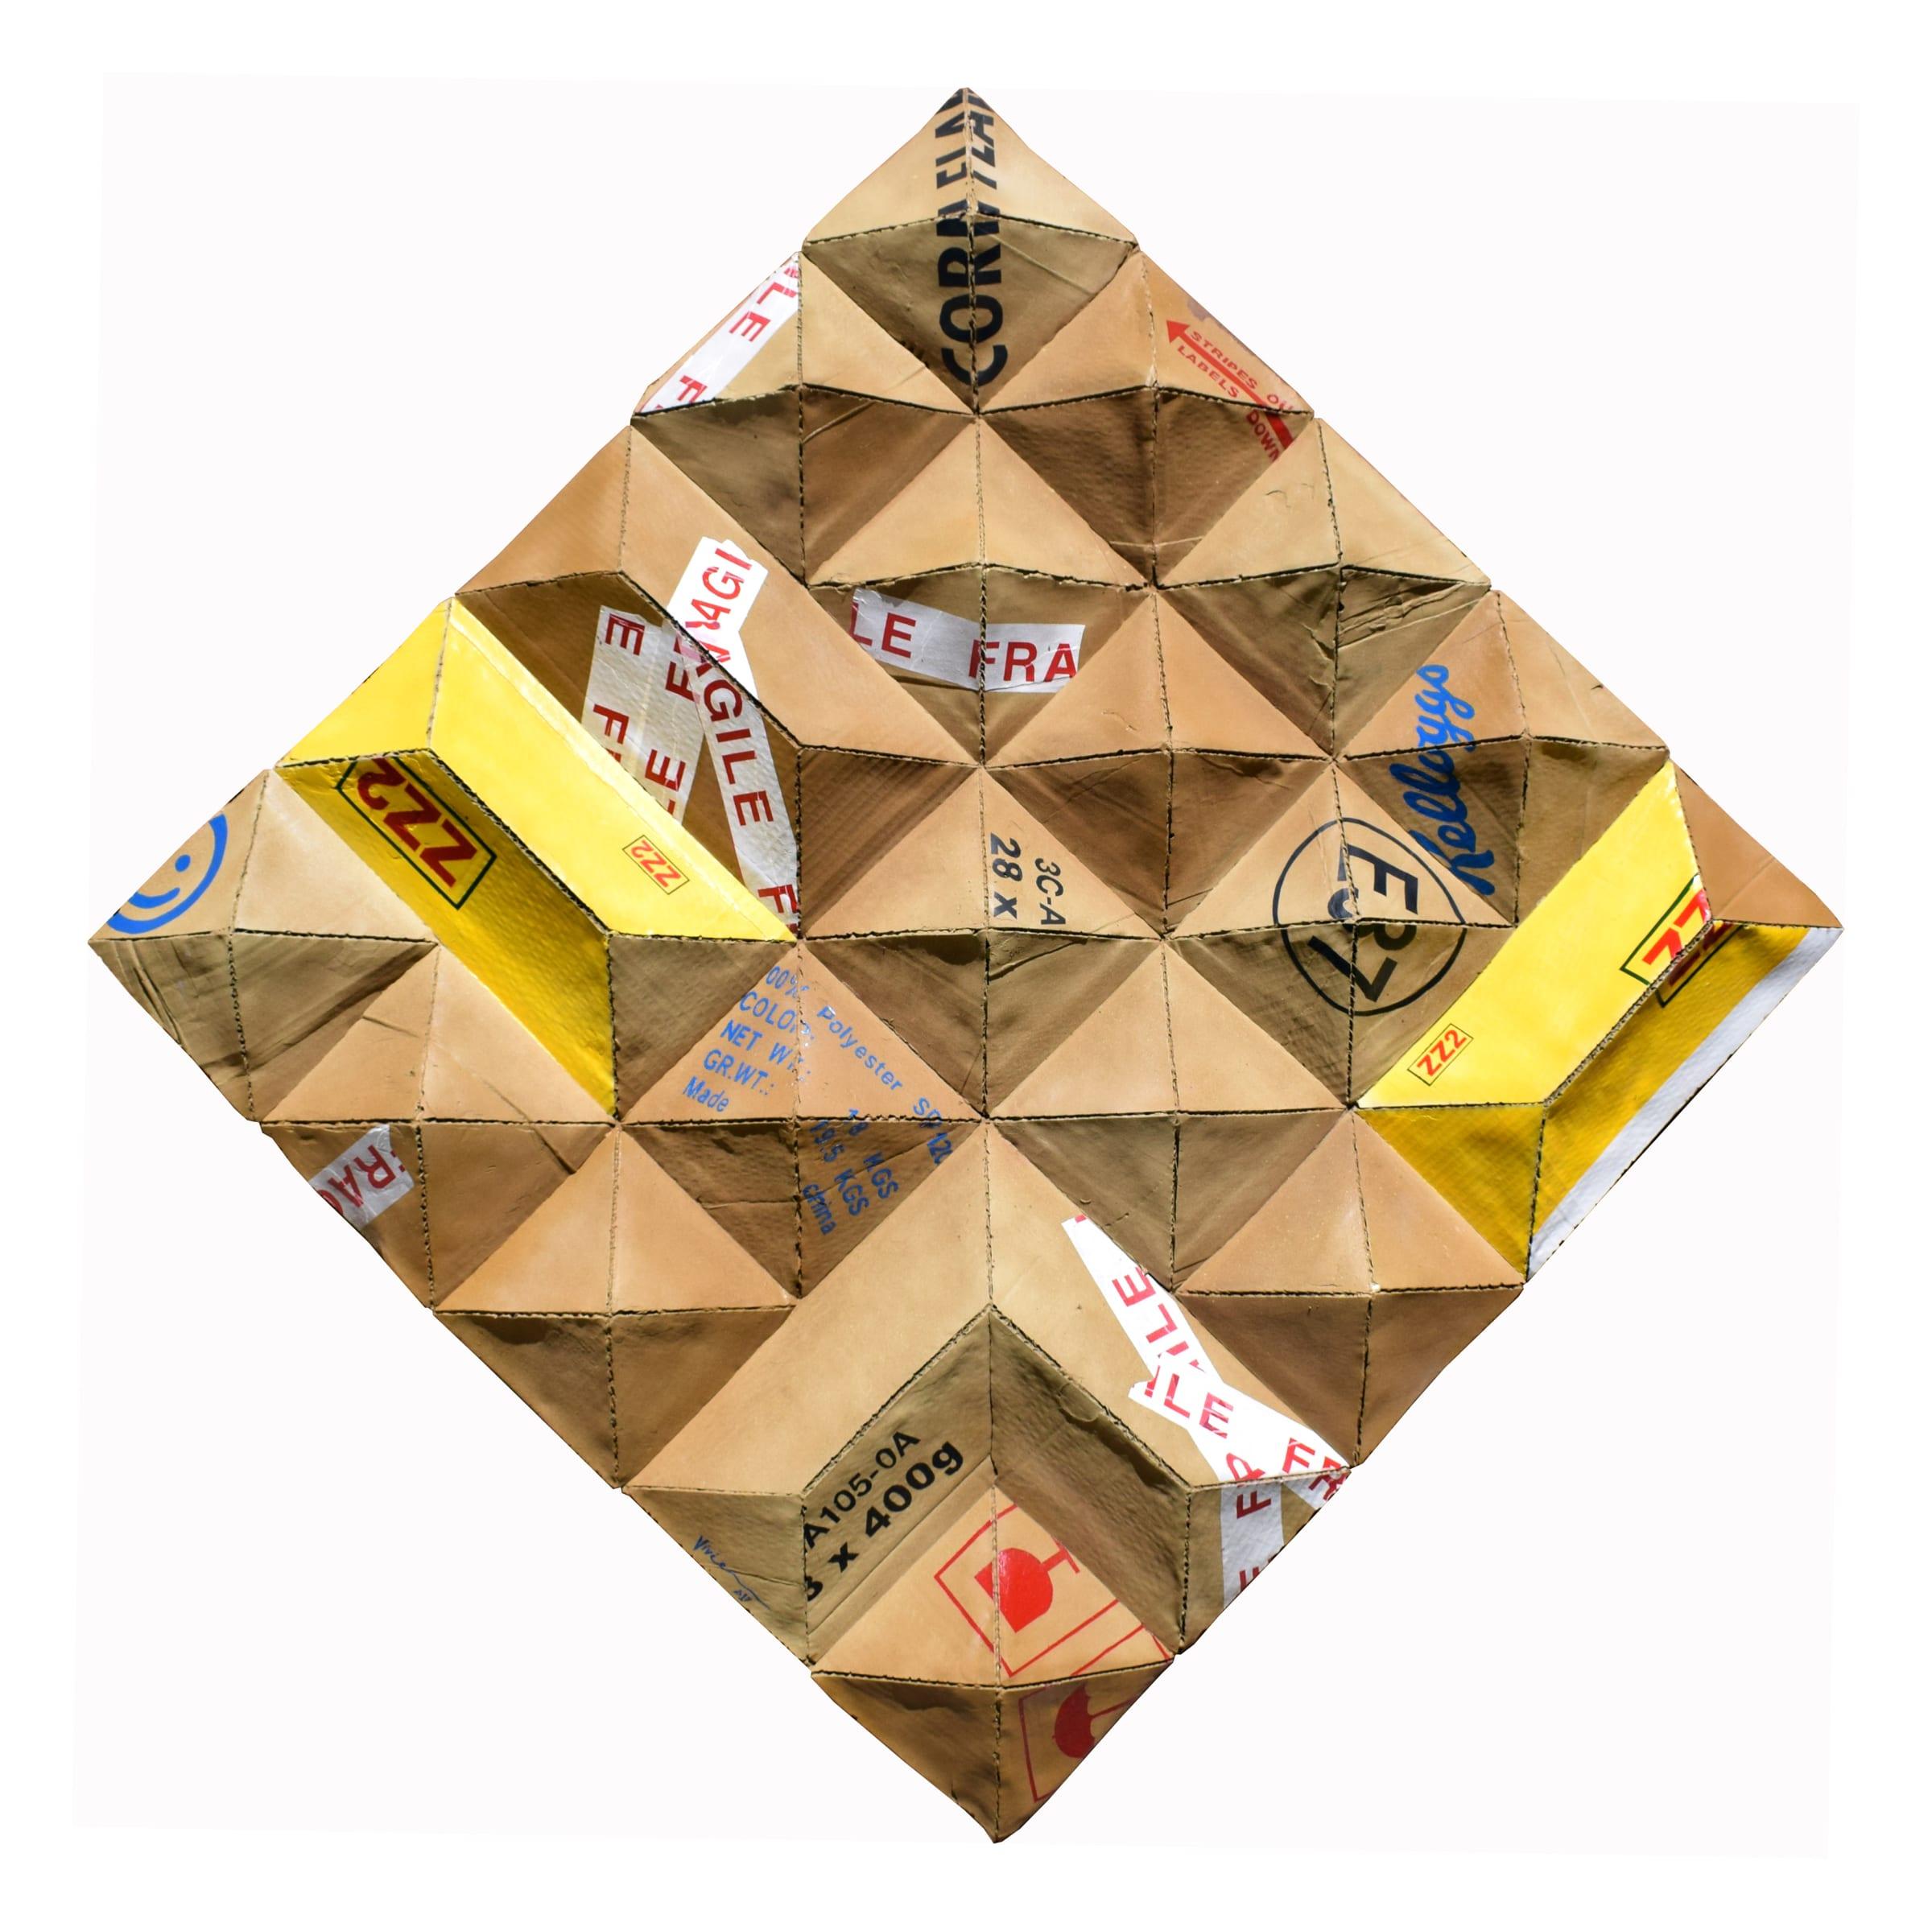 <span class=&#34;link fancybox-details-link&#34;><a href=&#34;/artists/78-vivien-kohler/works/3140-vivien-kohler-frgl-sml-2017/&#34;>View Detail Page</a></span><div class=&#34;artist&#34;><strong>Vivien Kohler</strong></div> <div class=&#34;title&#34;><em>Frgl Sml</em>, 2017</div> <div class=&#34;medium&#34;>Material One, Pigment, Spray Paint, Acrylic & Oil Paint</div> <div class=&#34;dimensions&#34;>125cm x 125cm x 9cm</div><div class=&#34;price&#34;>R34,000.00</div>